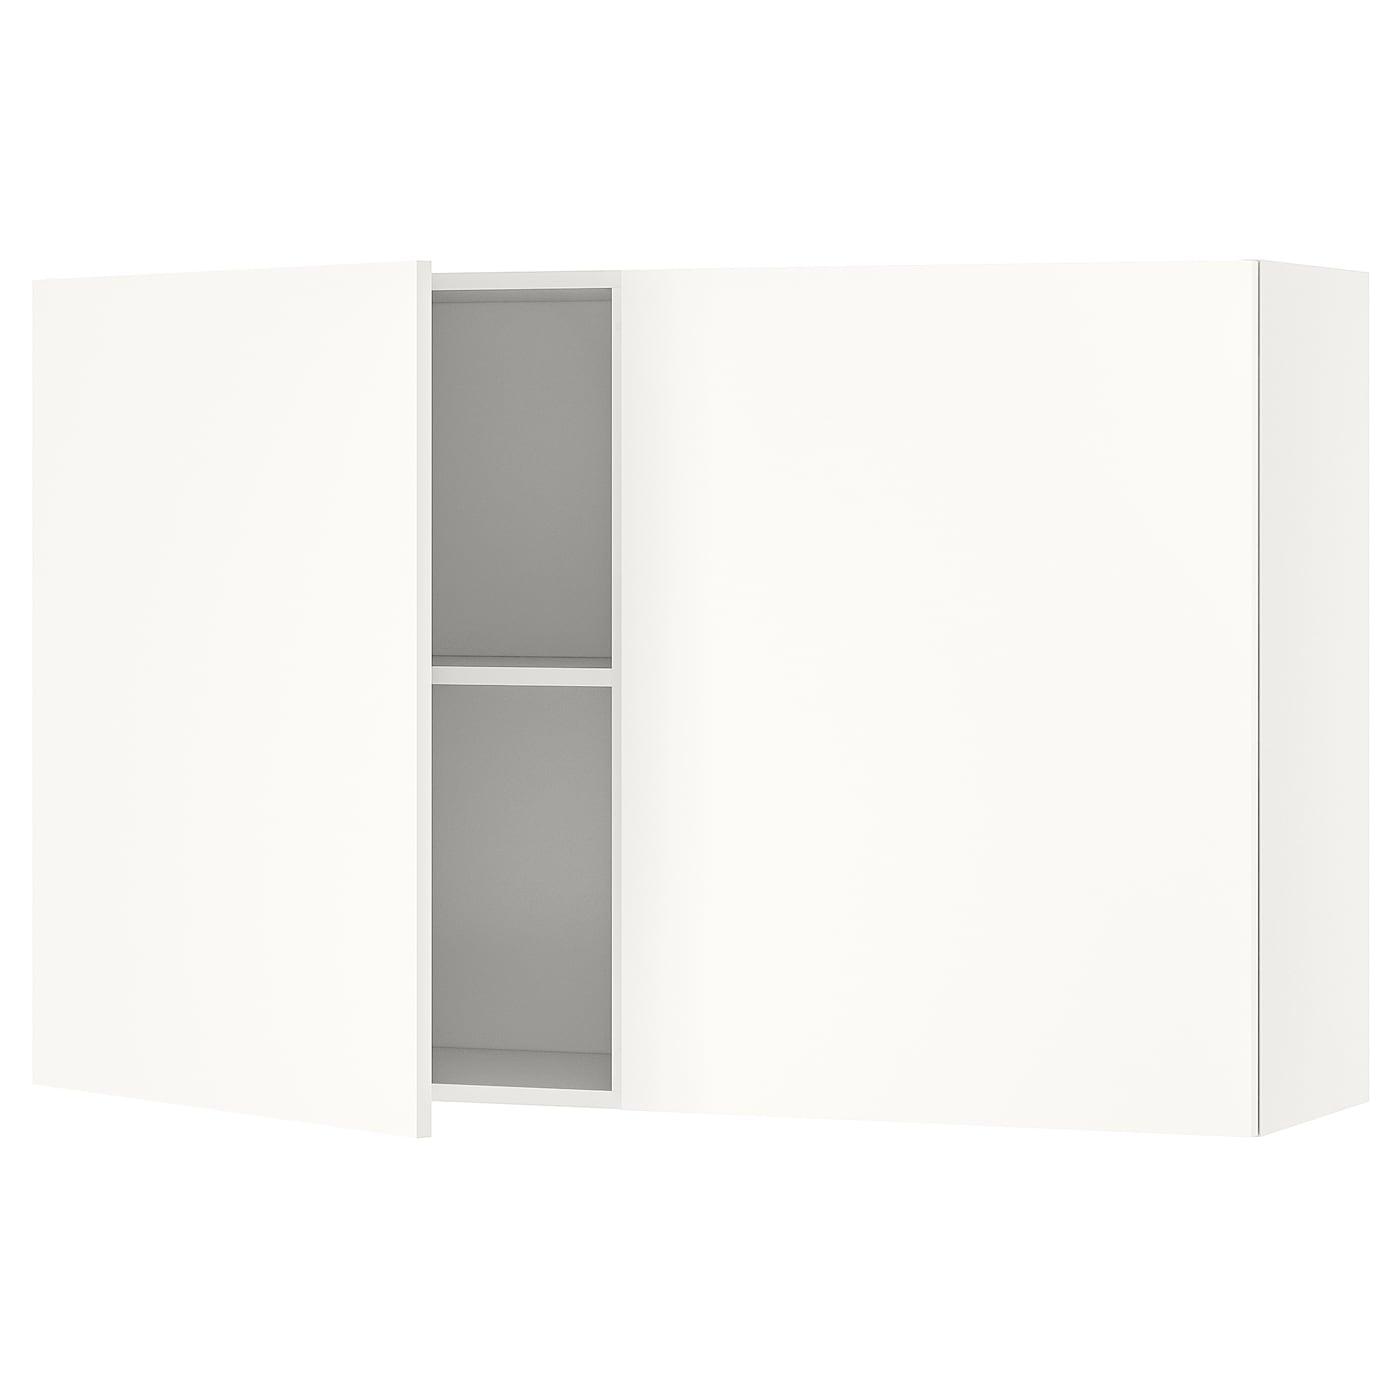 KNOXHULT Élément mural avec portes - blanc 14x14 cm